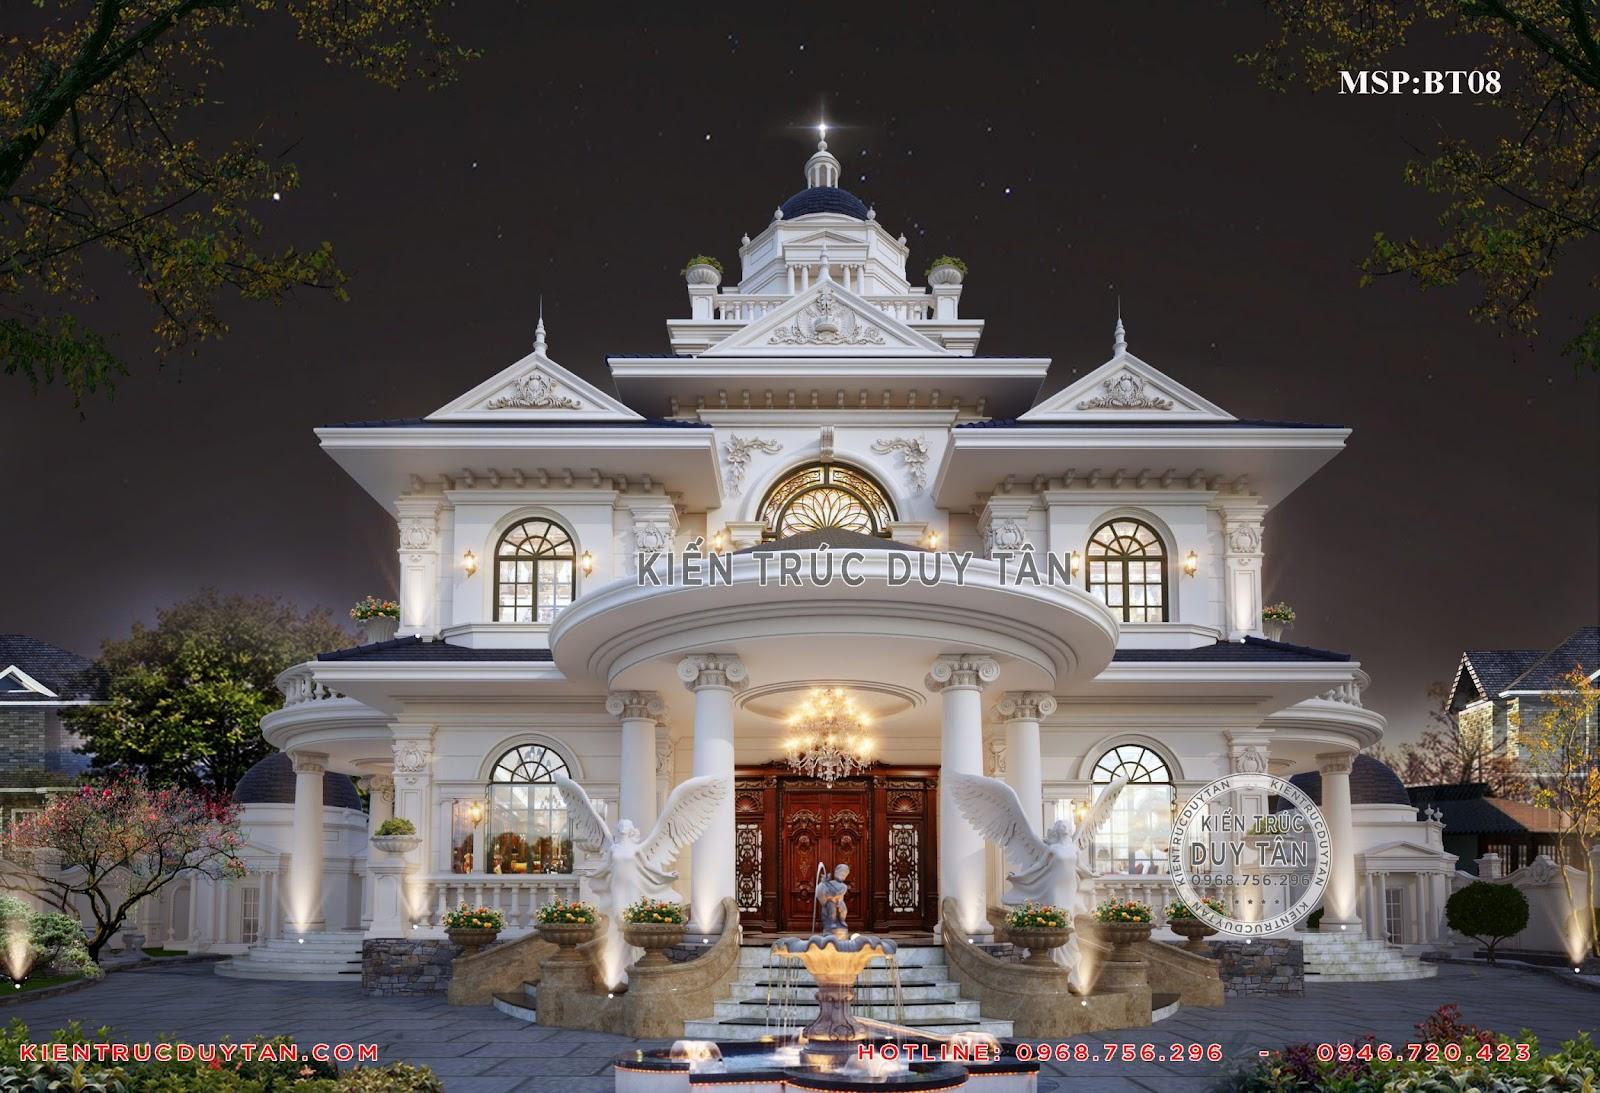 Đơn giá xây thô biệt thự tại kiến trúc Duy Tân